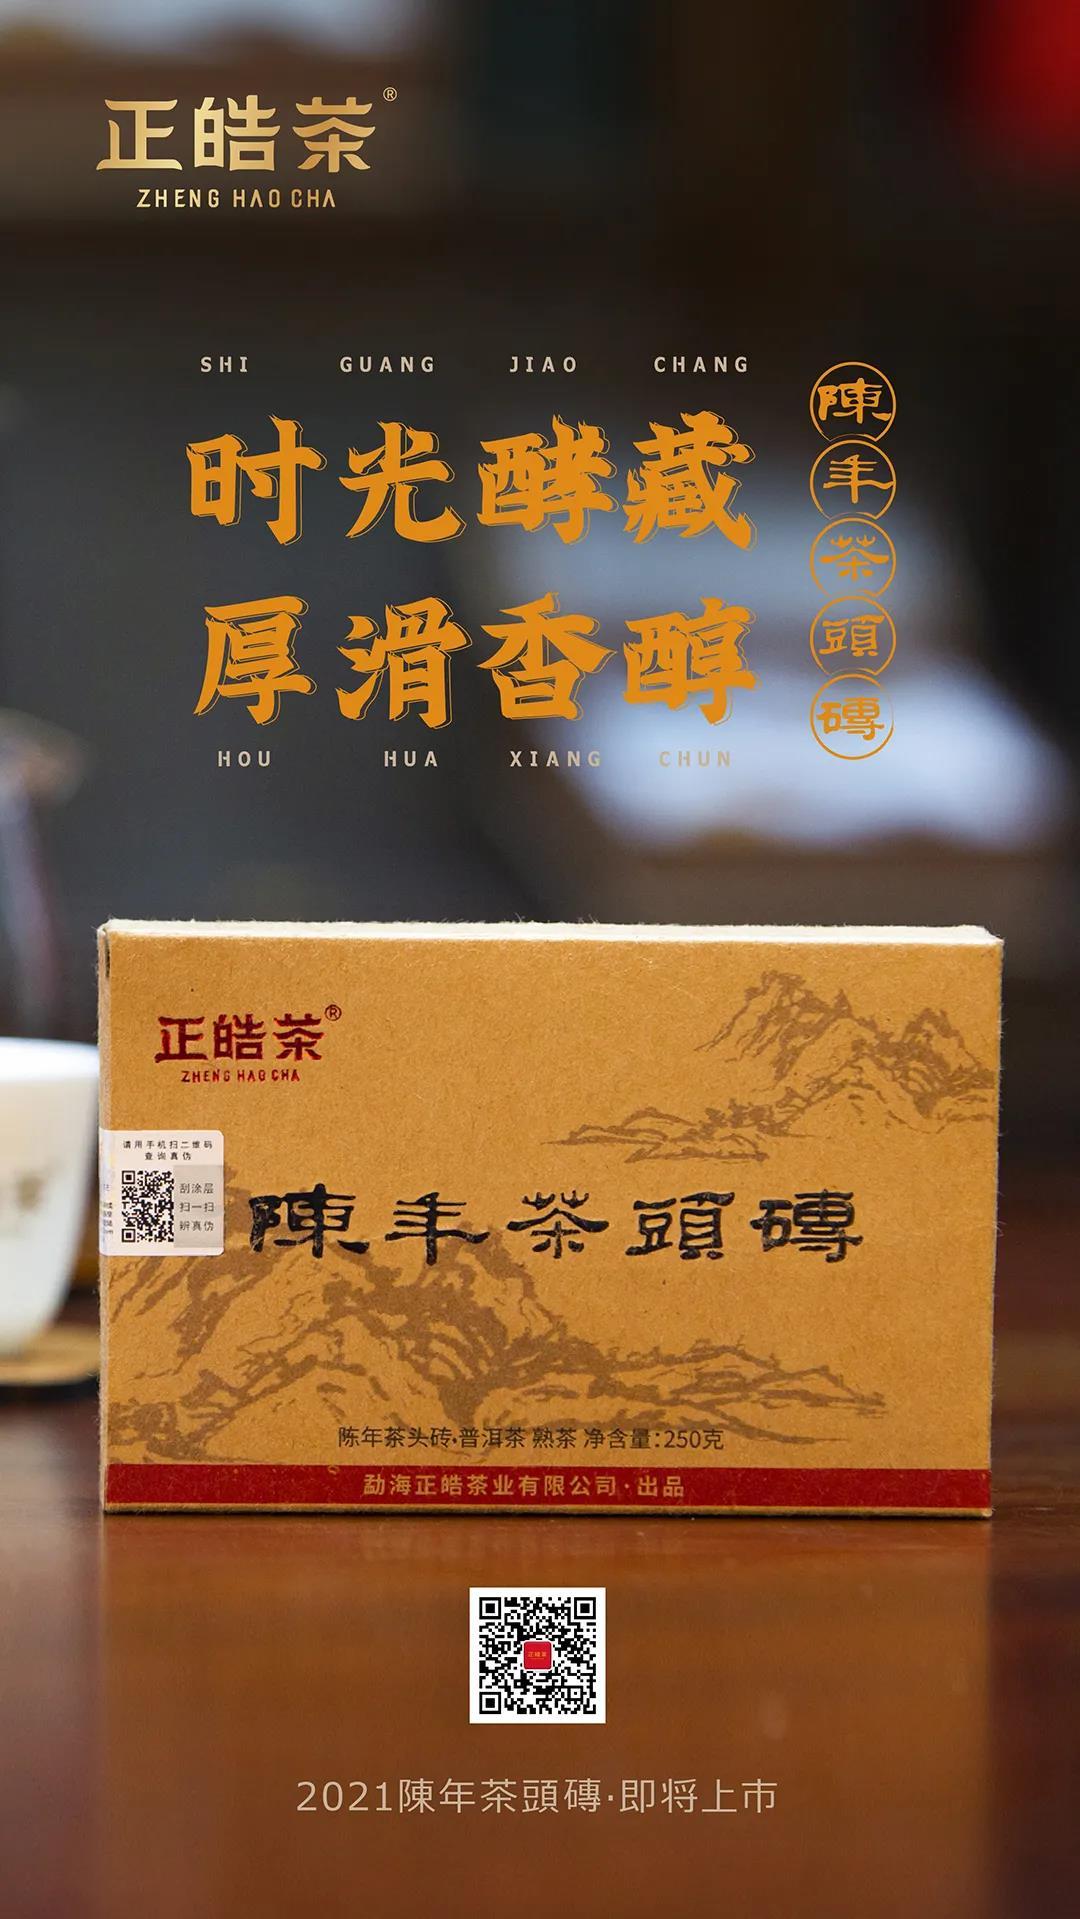 陈年茶头砖丨时光酵藏,厚滑香醇